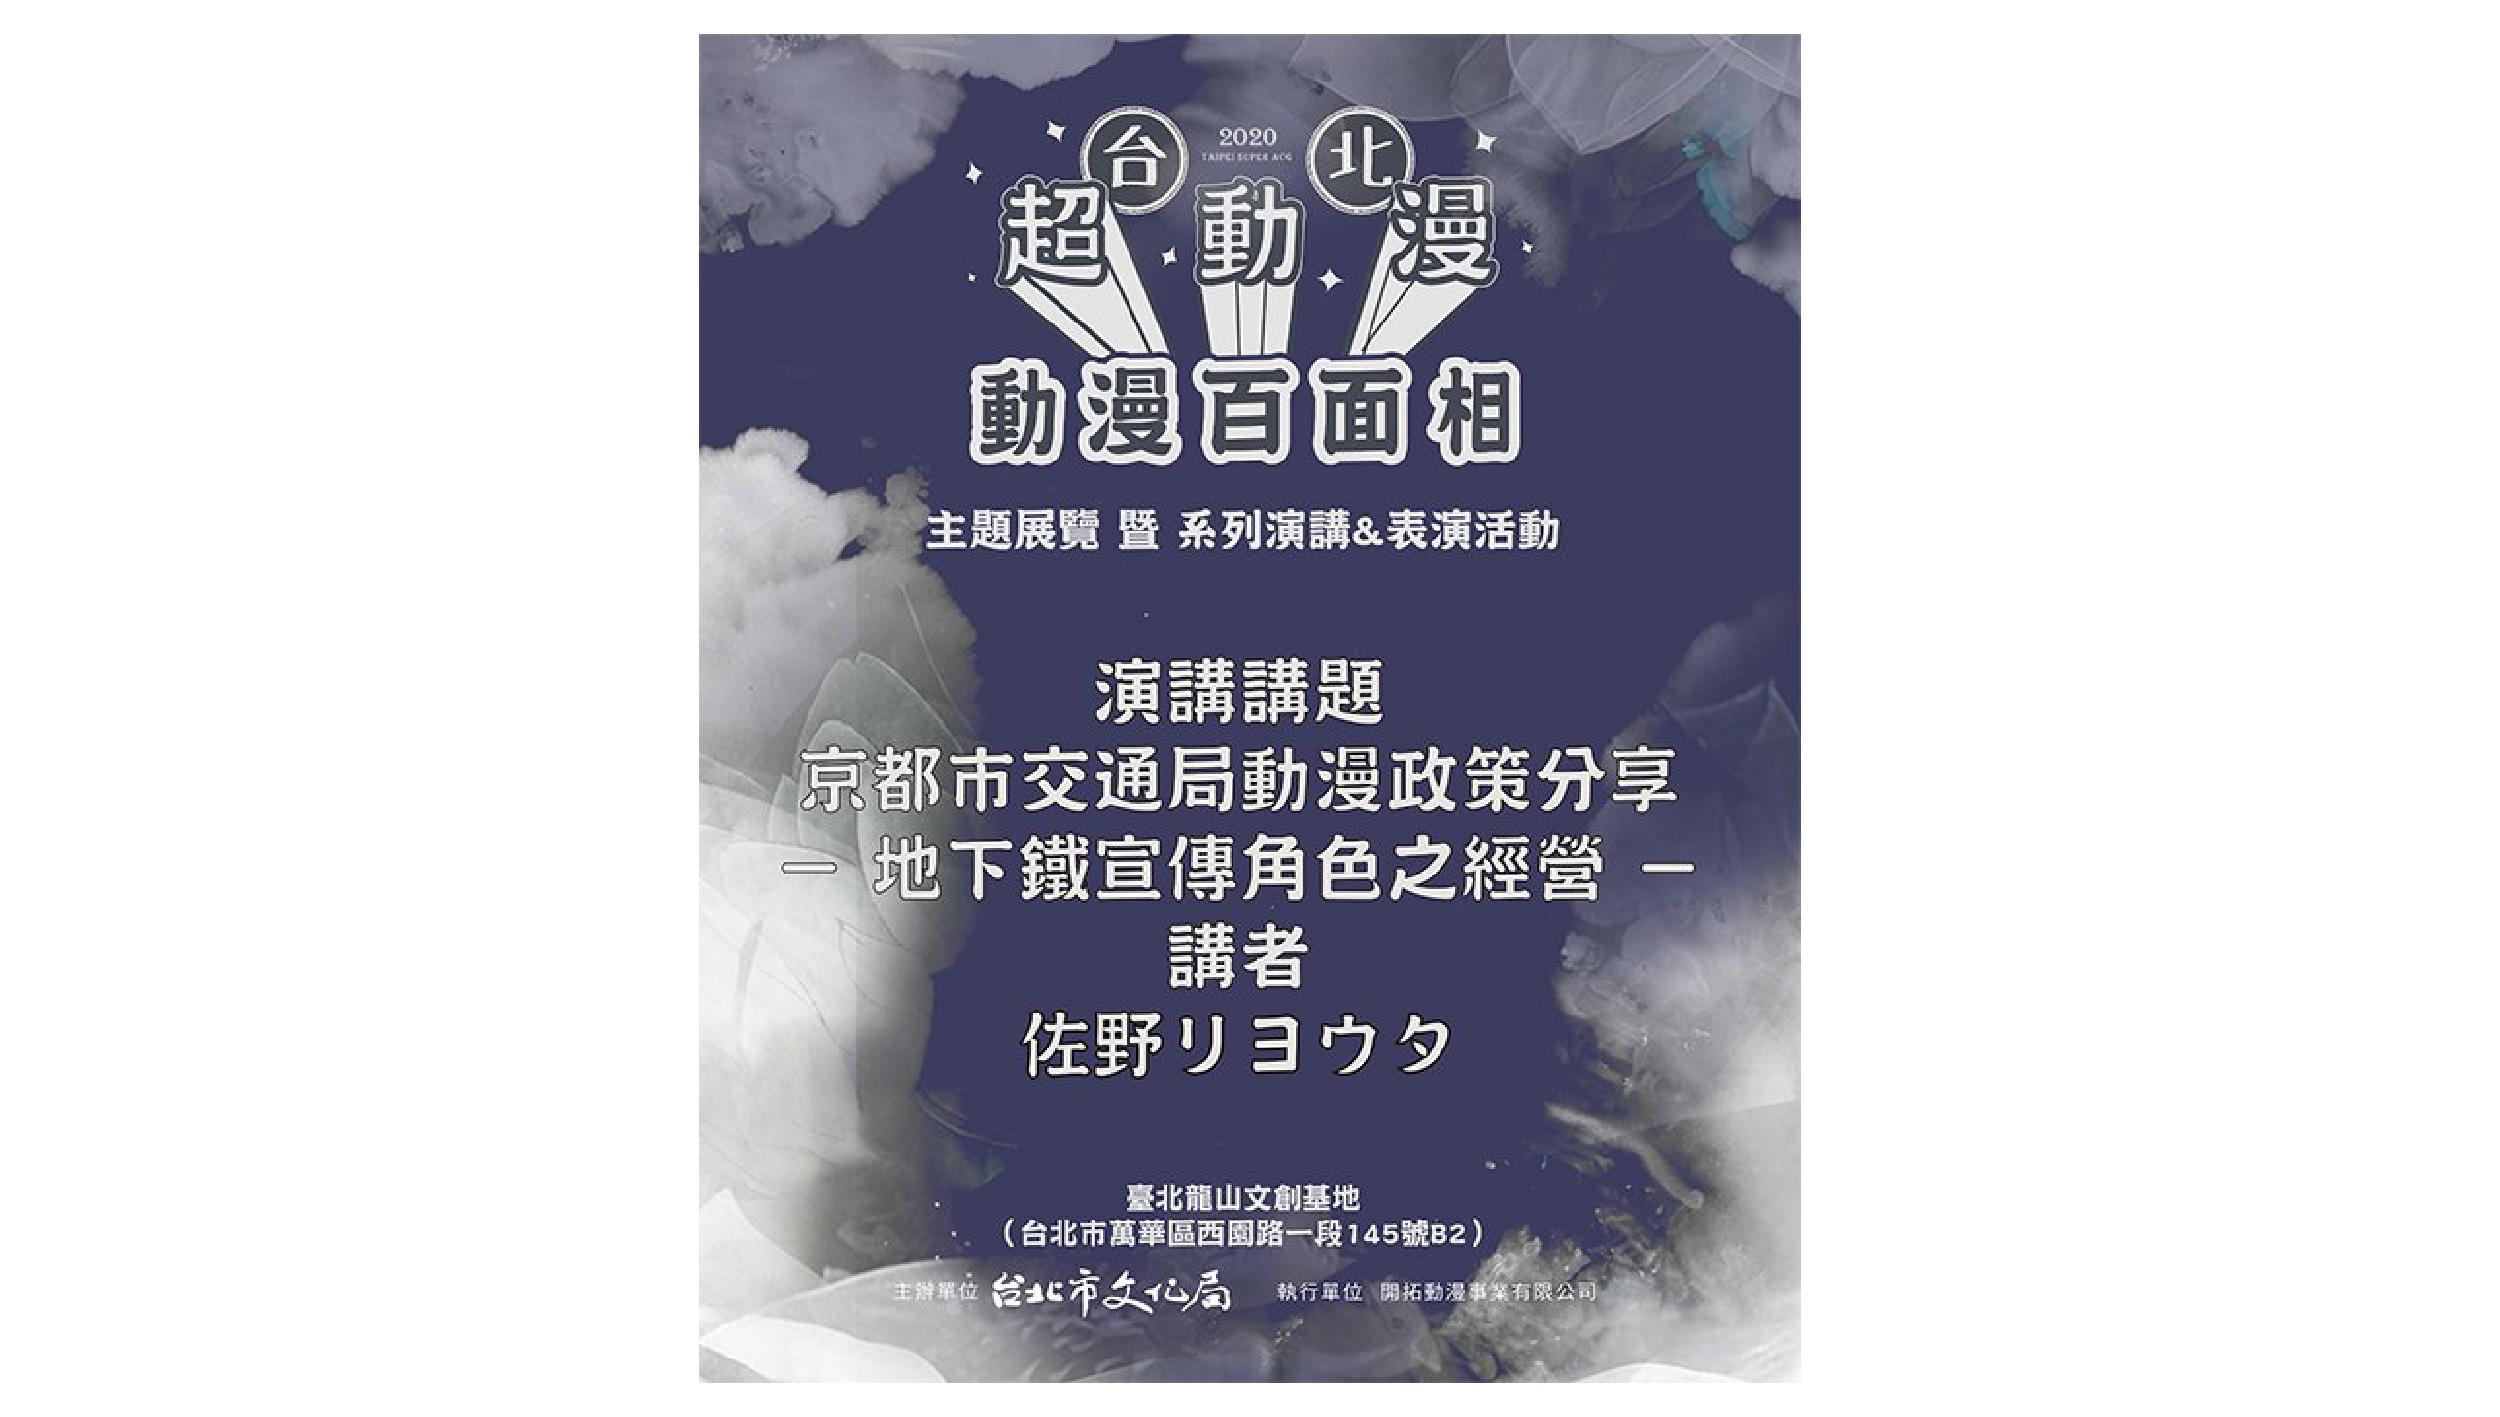 2020 台北超動漫系列活動-京都市交通局動漫政策分享